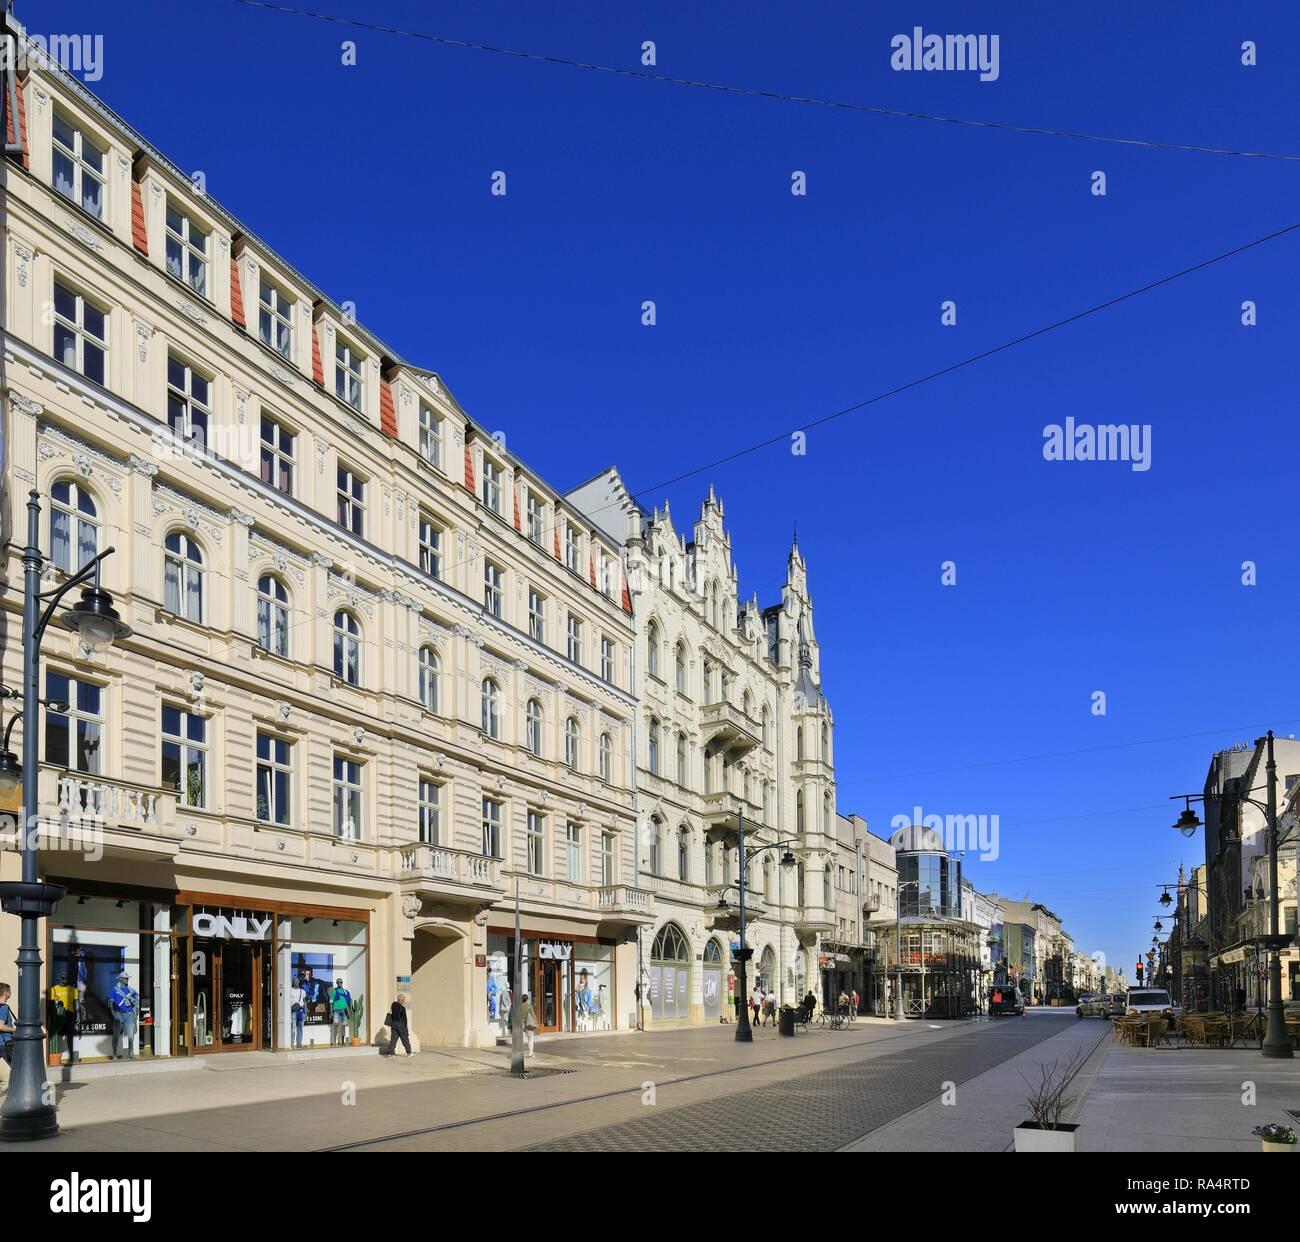 Lodz, XIX-wieczne kamienice, ulica Piotrkowska Lodz, Poland - Historic quarter of Lodz and Piotrkowska street with XIX century tenements - Stock Image